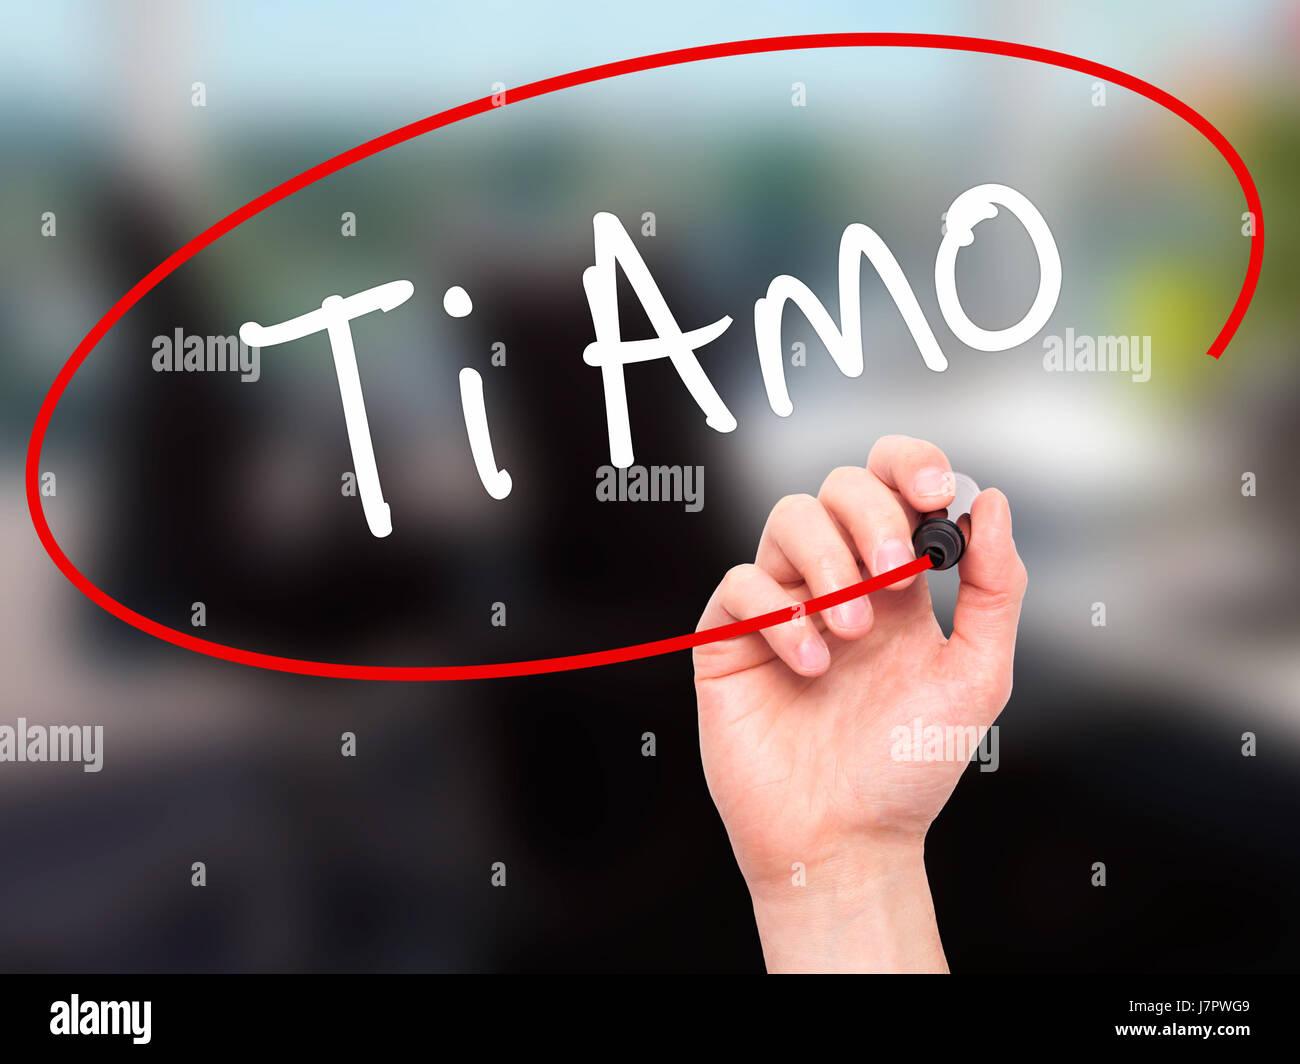 italian man says i love you